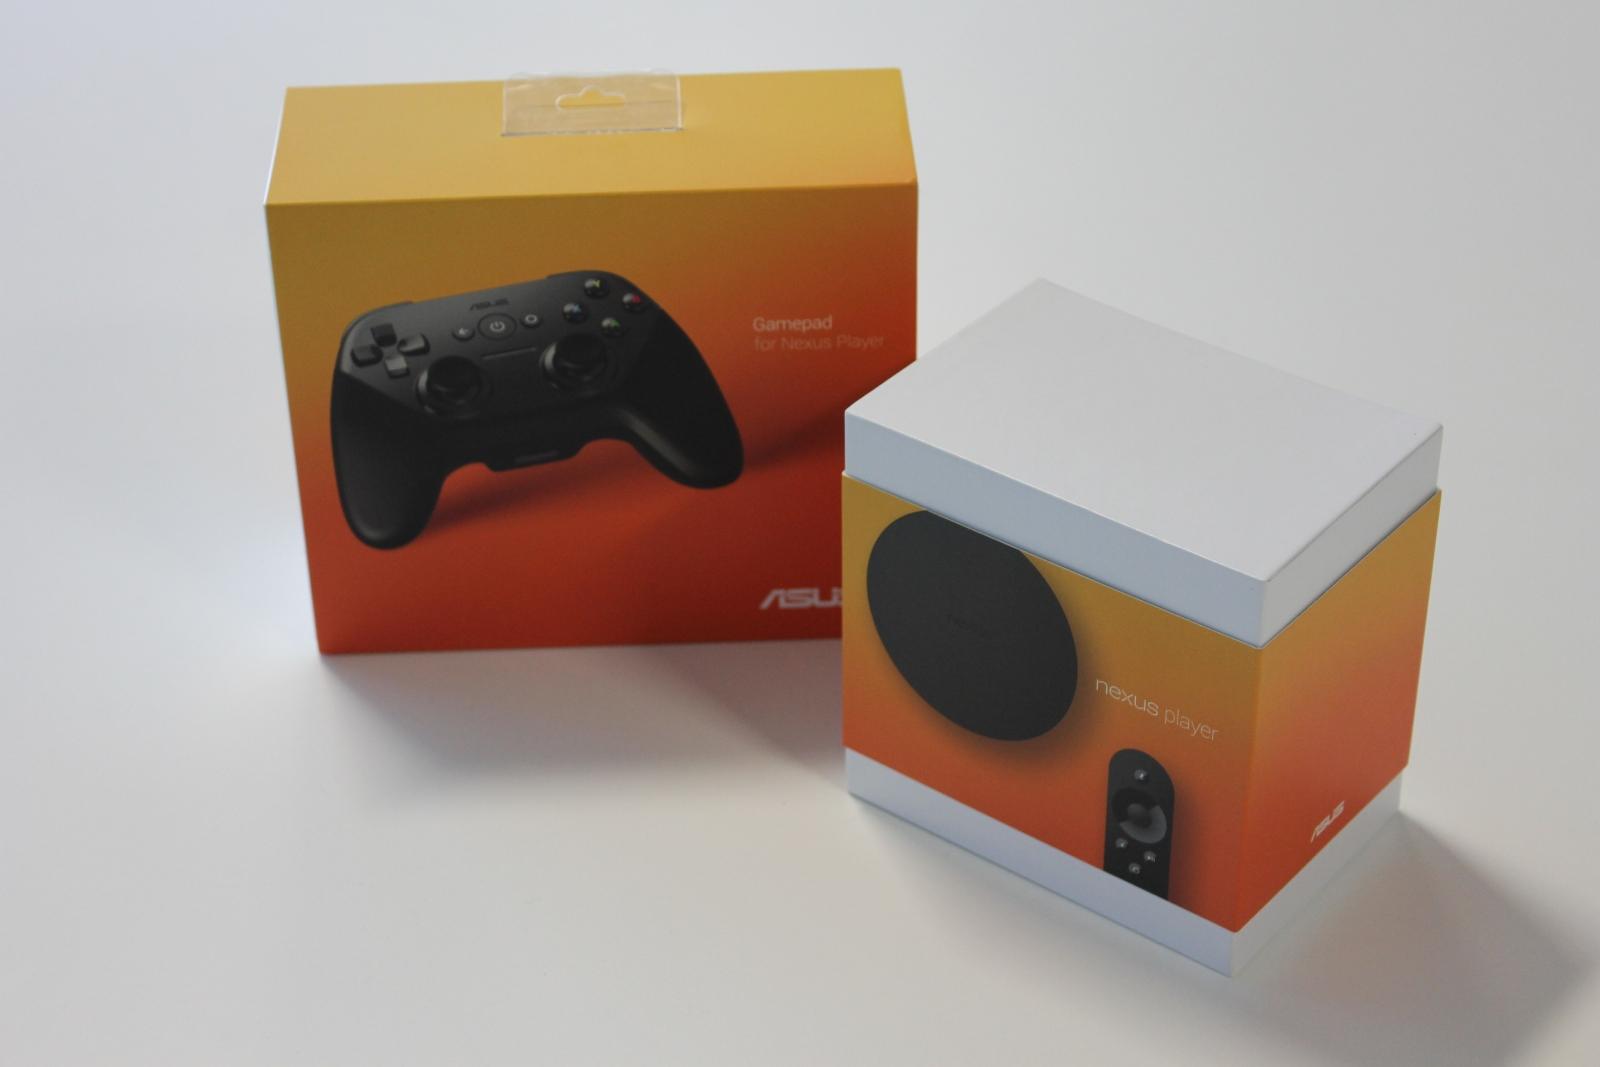 Nexus Player UK launch price